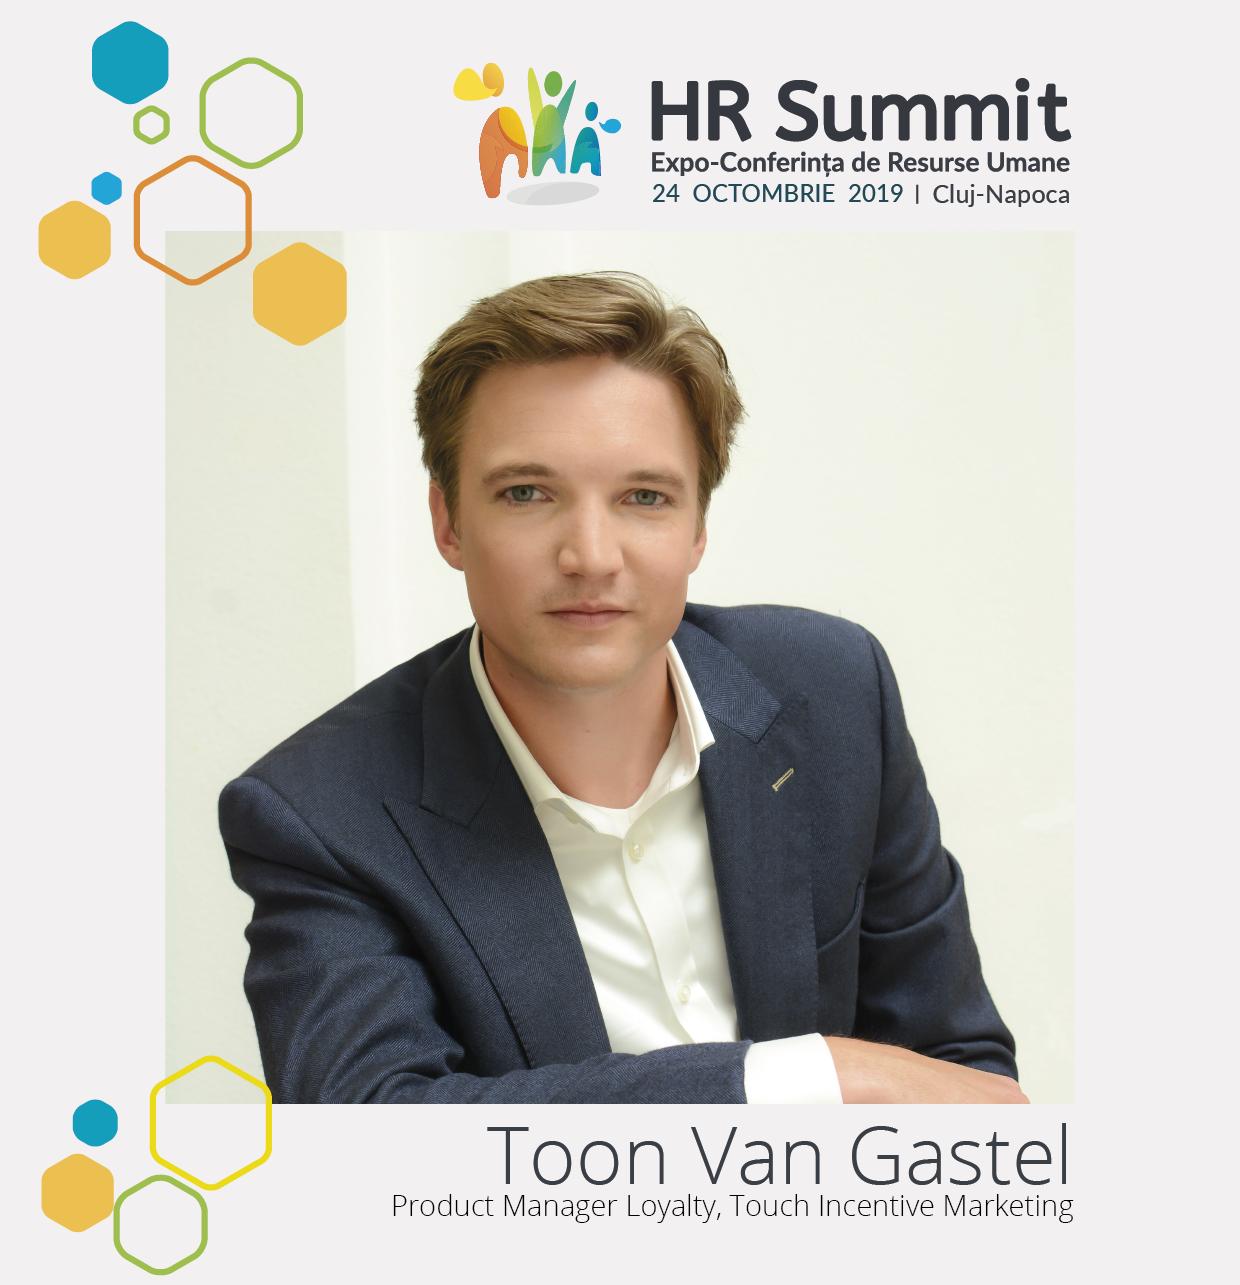 Toon Van Gastel - Speakeri HR Summit